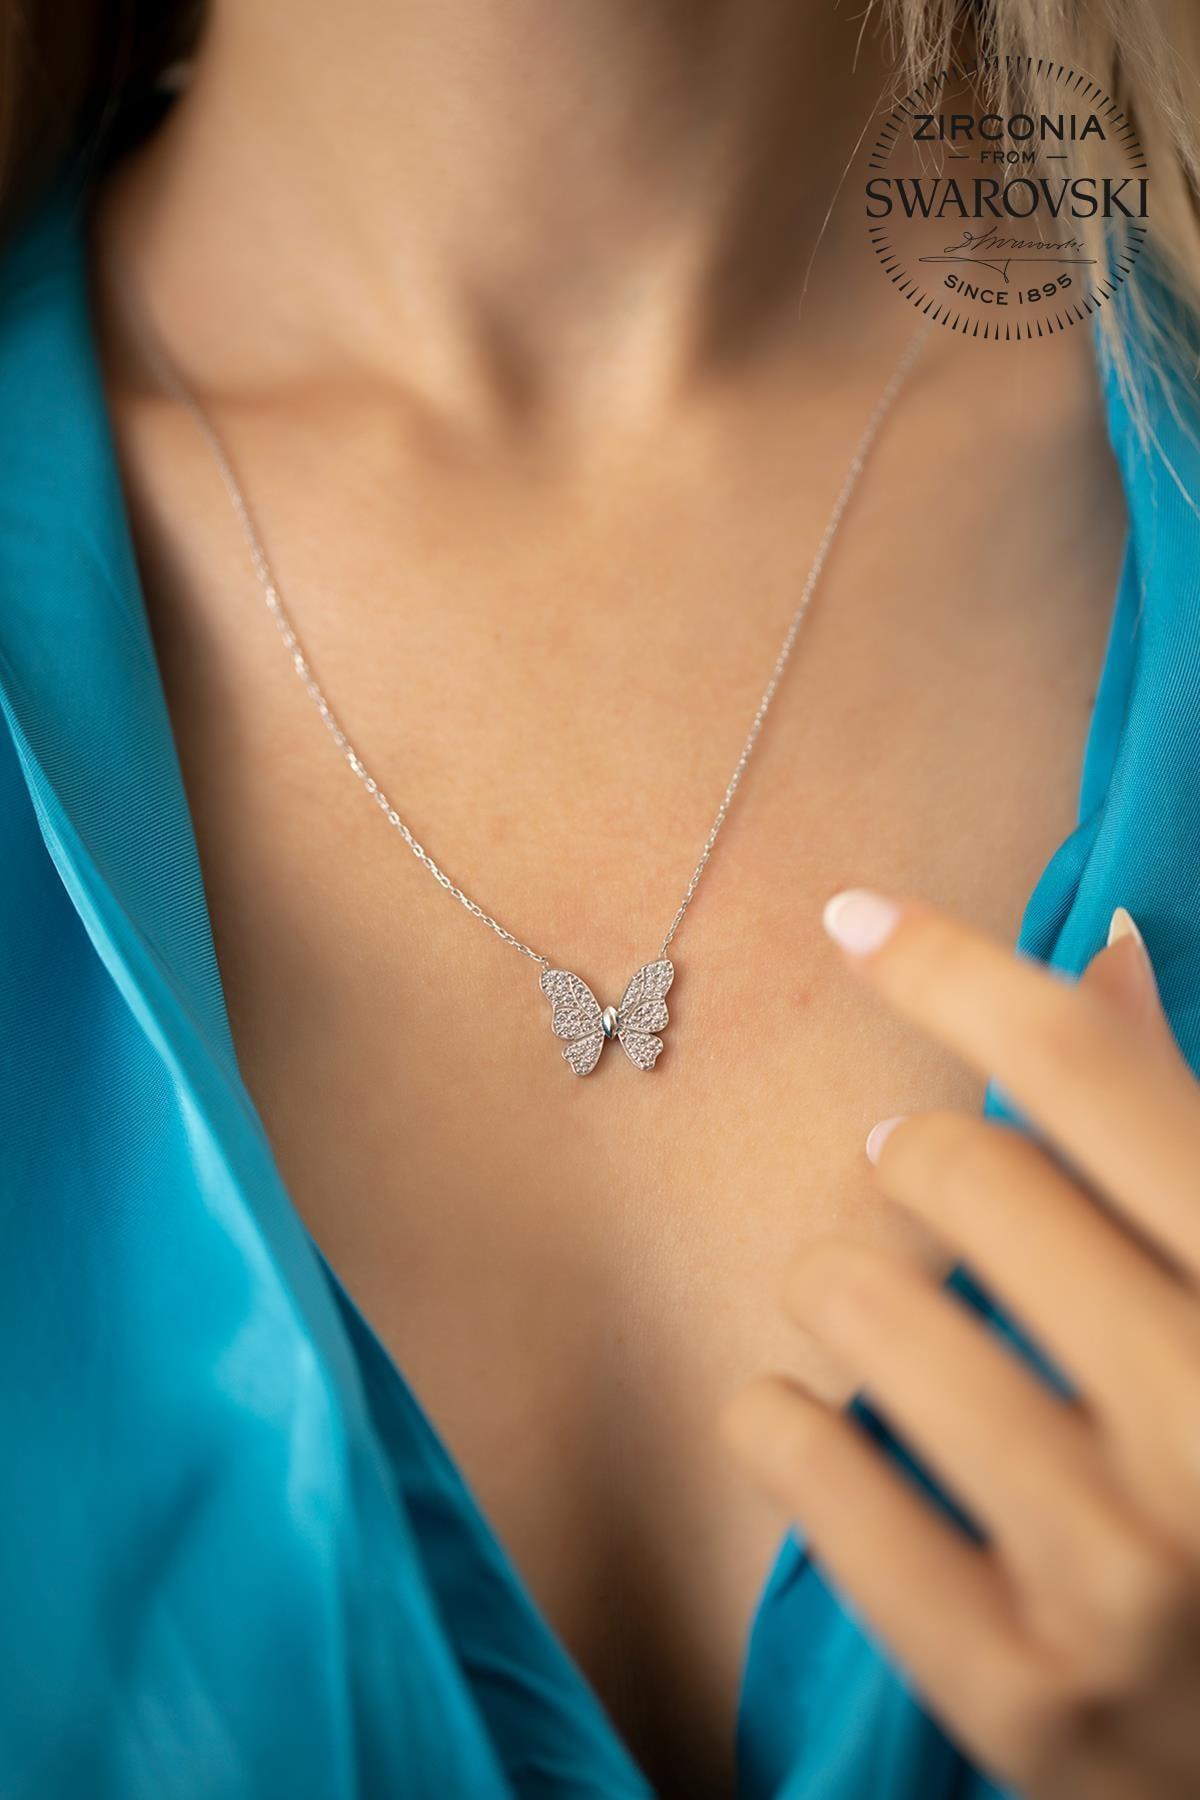 Ninova Silver Kadın Swarovski Taşlı Kelebek Model Gümüş Kolye PKT-SBS0590